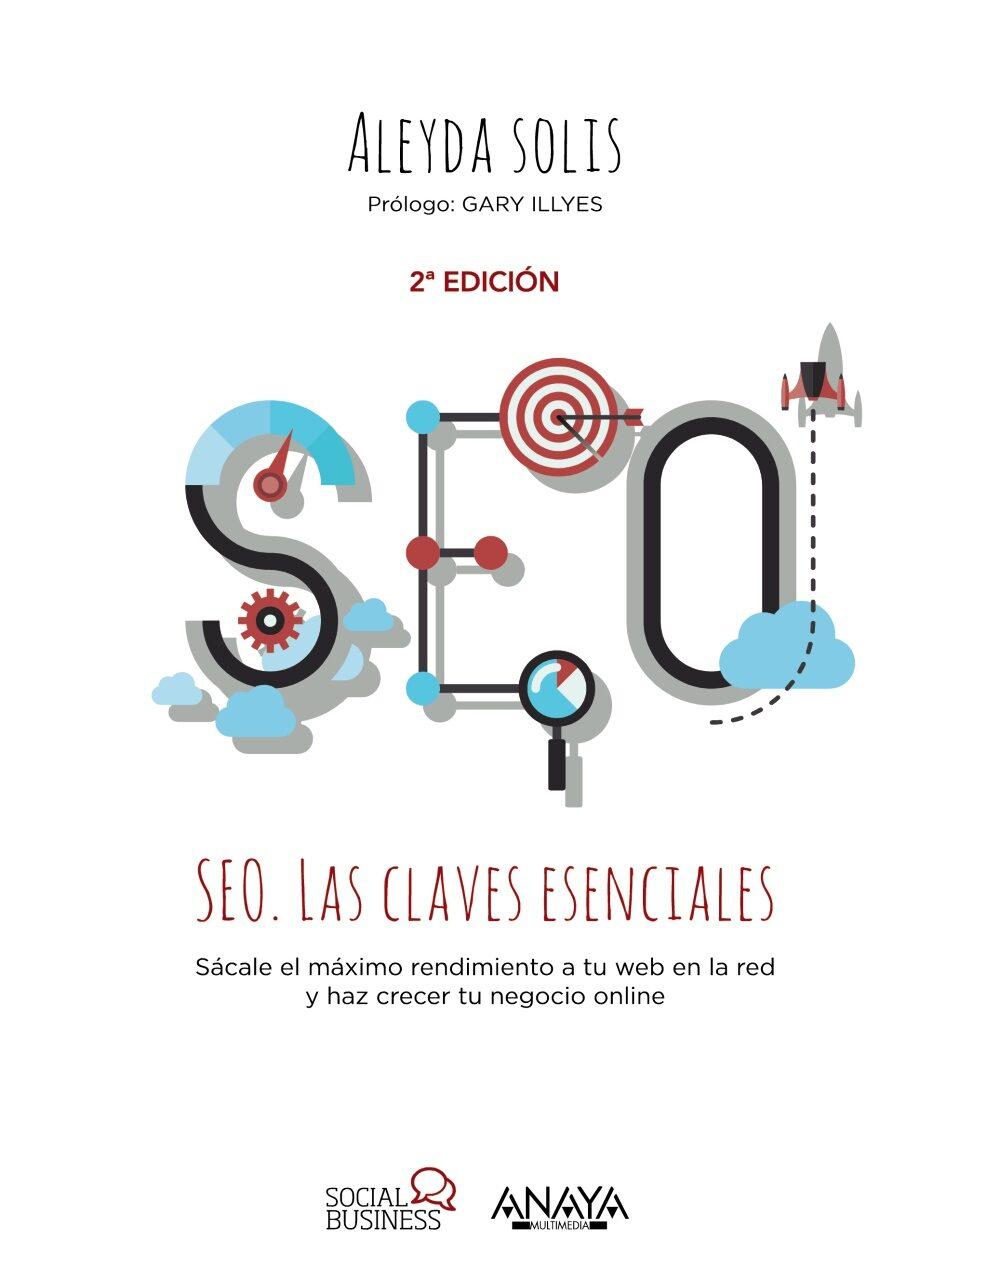 Resultado de imagen de SEO: Las claves esenciales, Aleyda Solis